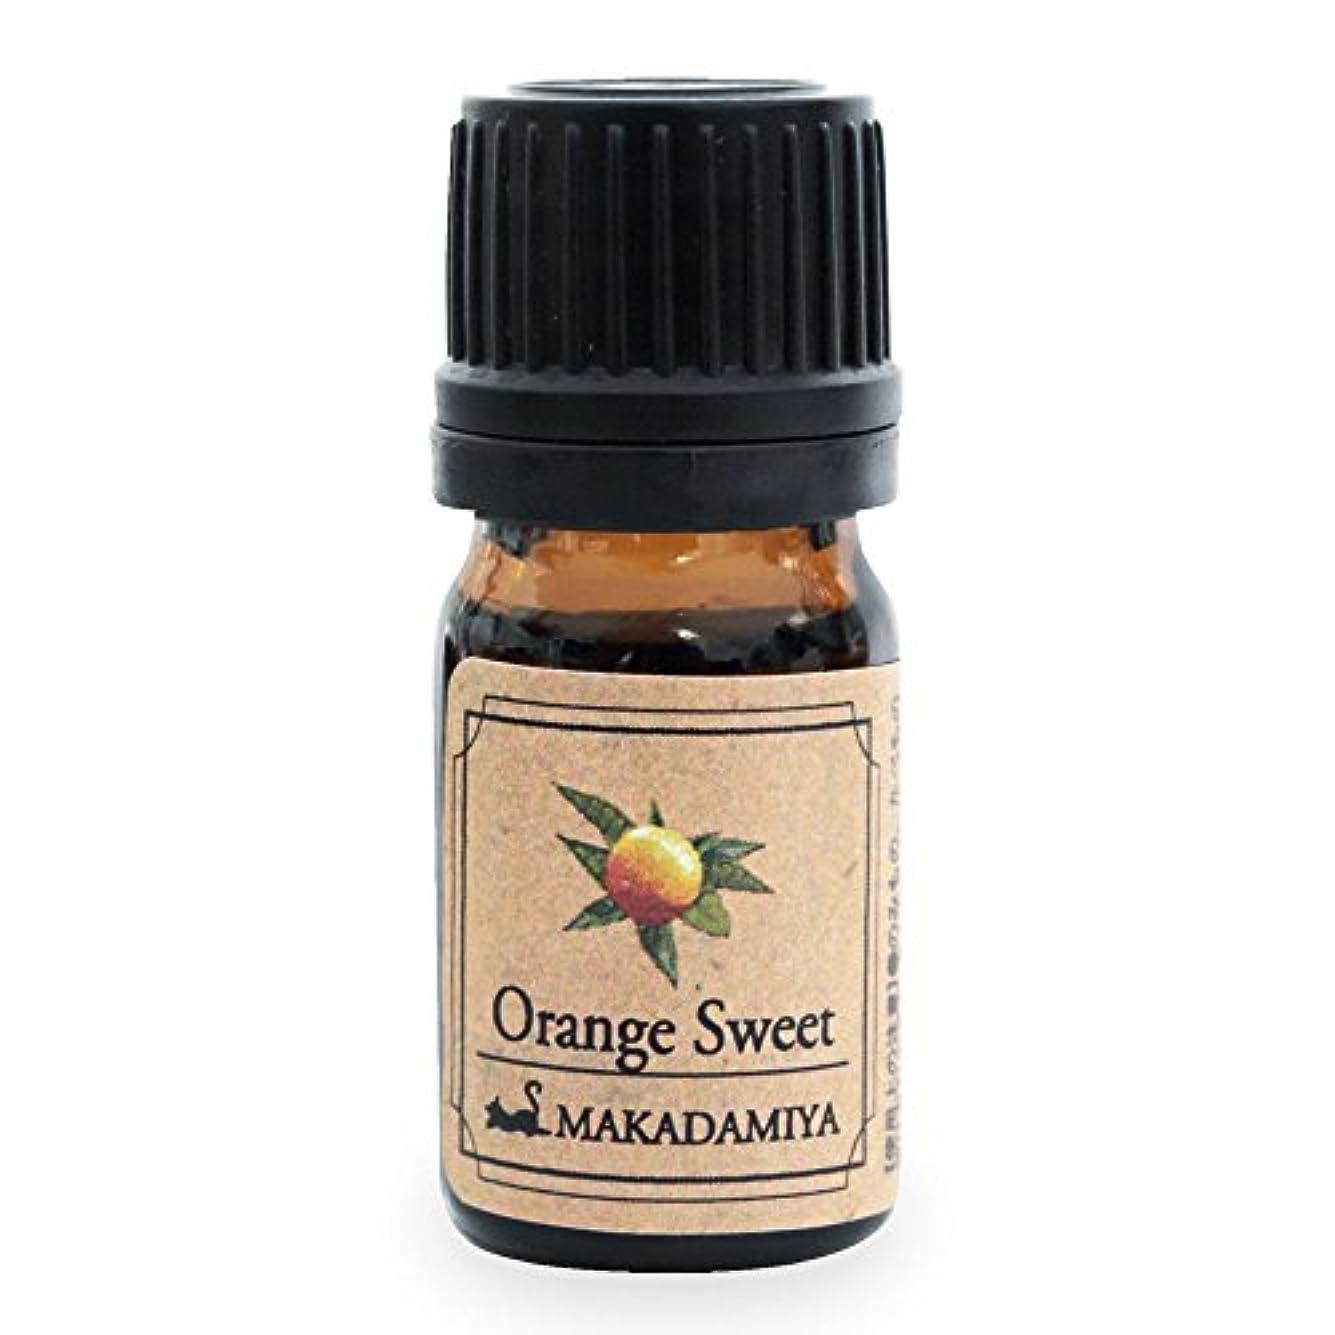 先見の明周り仲人オレンジ?スイート5ml 天然100%植物性 エッセンシャルオイル(精油) アロマオイル アロママッサージ aroma Orange Sweet